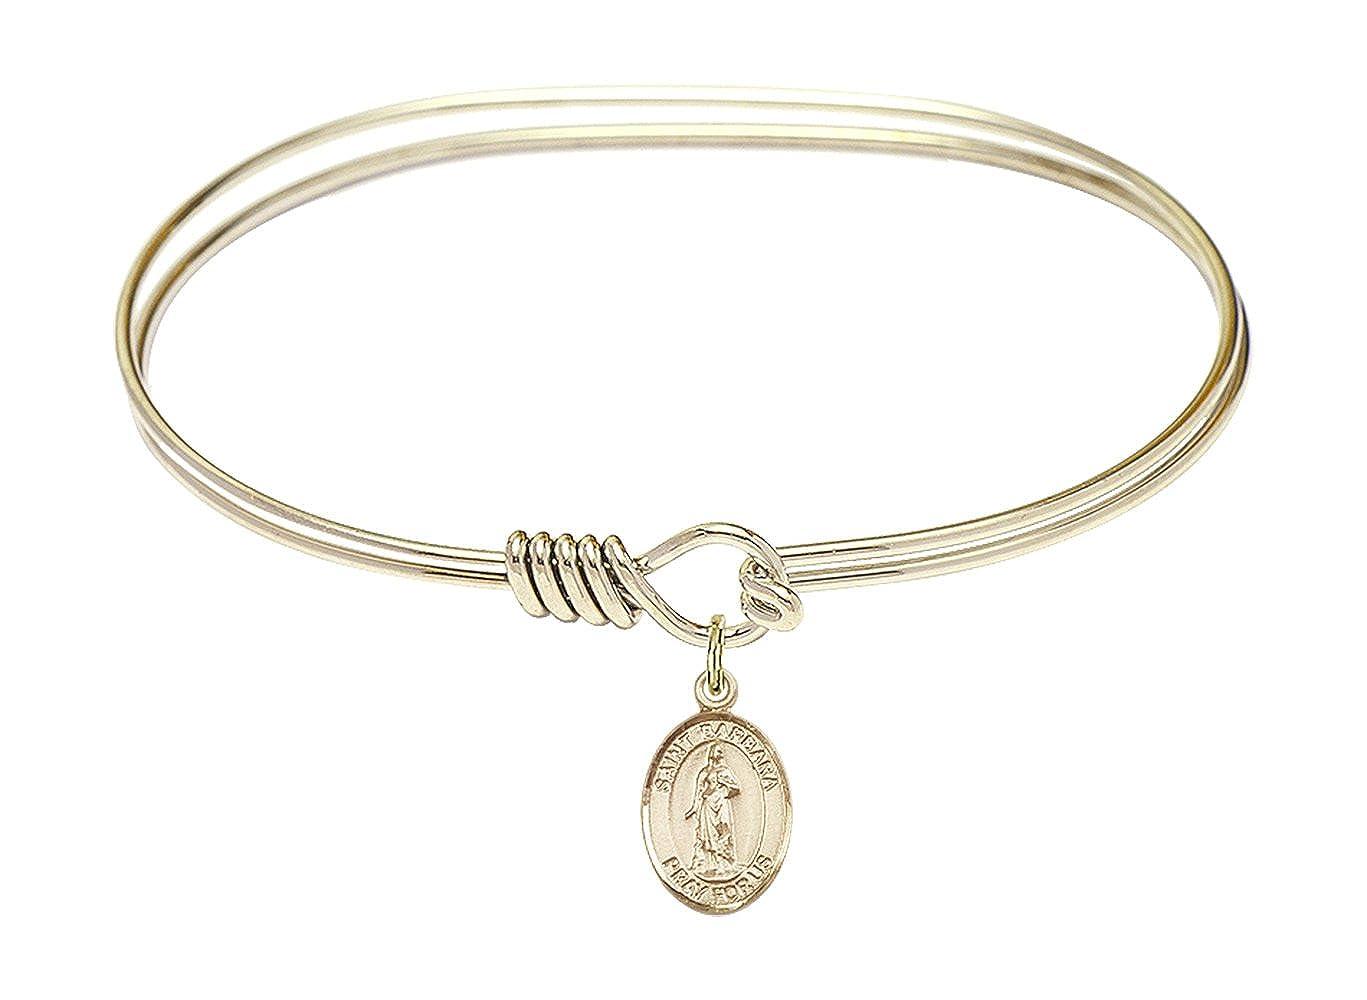 Barbara Charm. DiamondJewelryNY Eye Hook Bangle Bracelet with a St